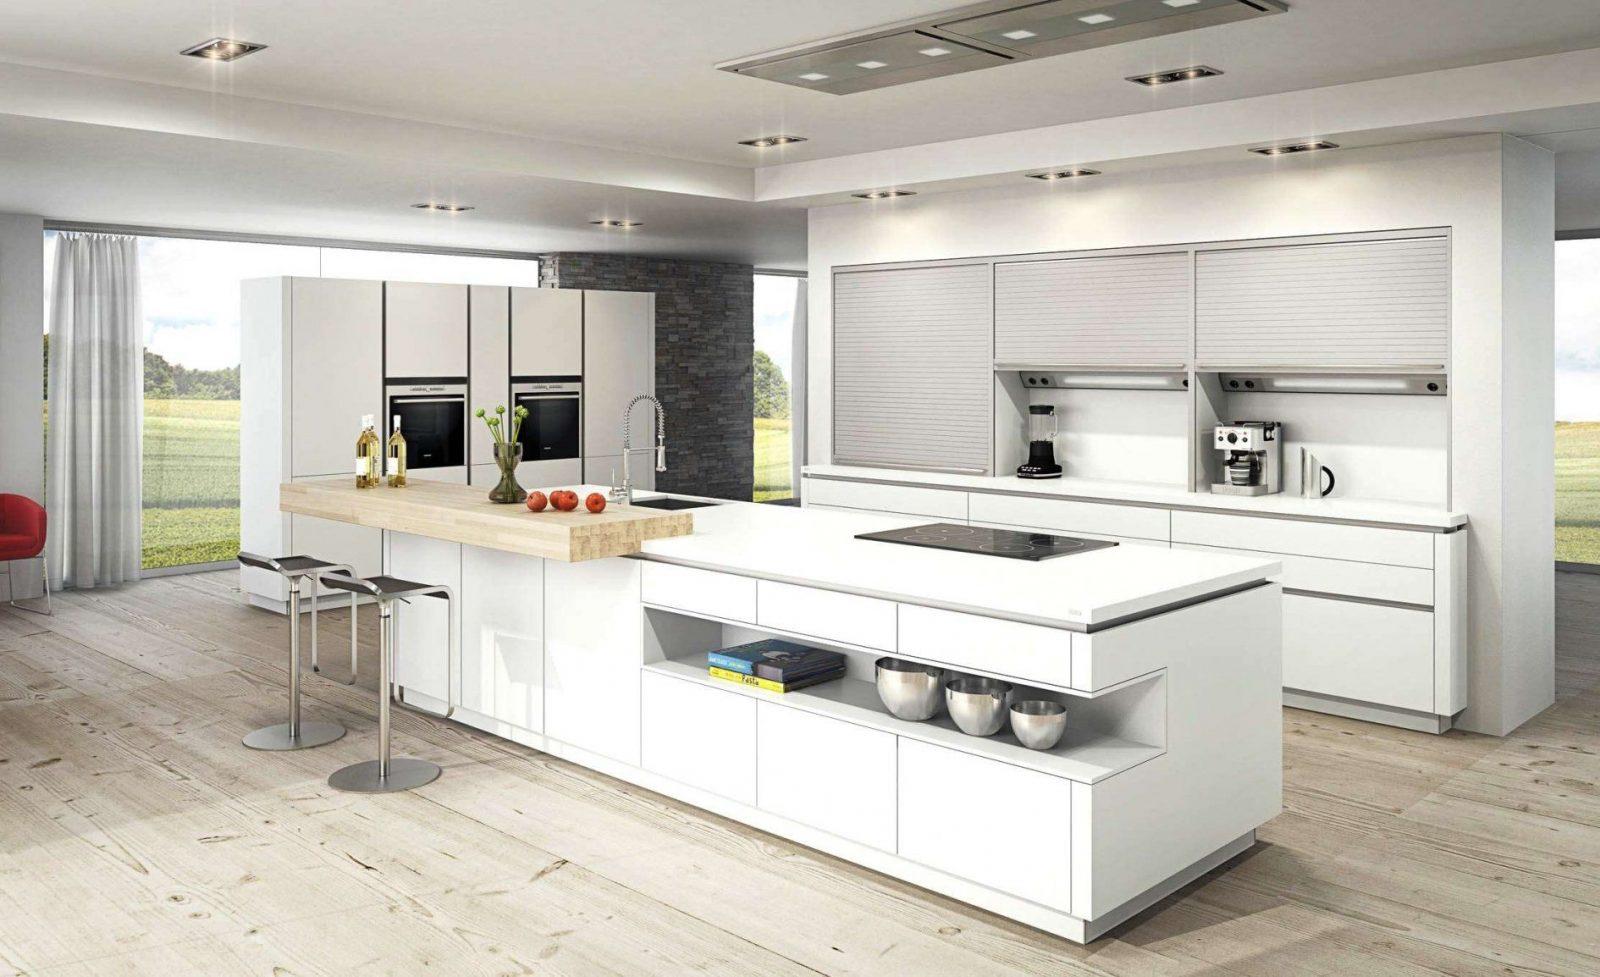 Küche Wohnzimmer Fur Kuche Ideen Mit Design Von Großes Wohnzimmer von Wohnzimmer Mit Küche Ideen Photo